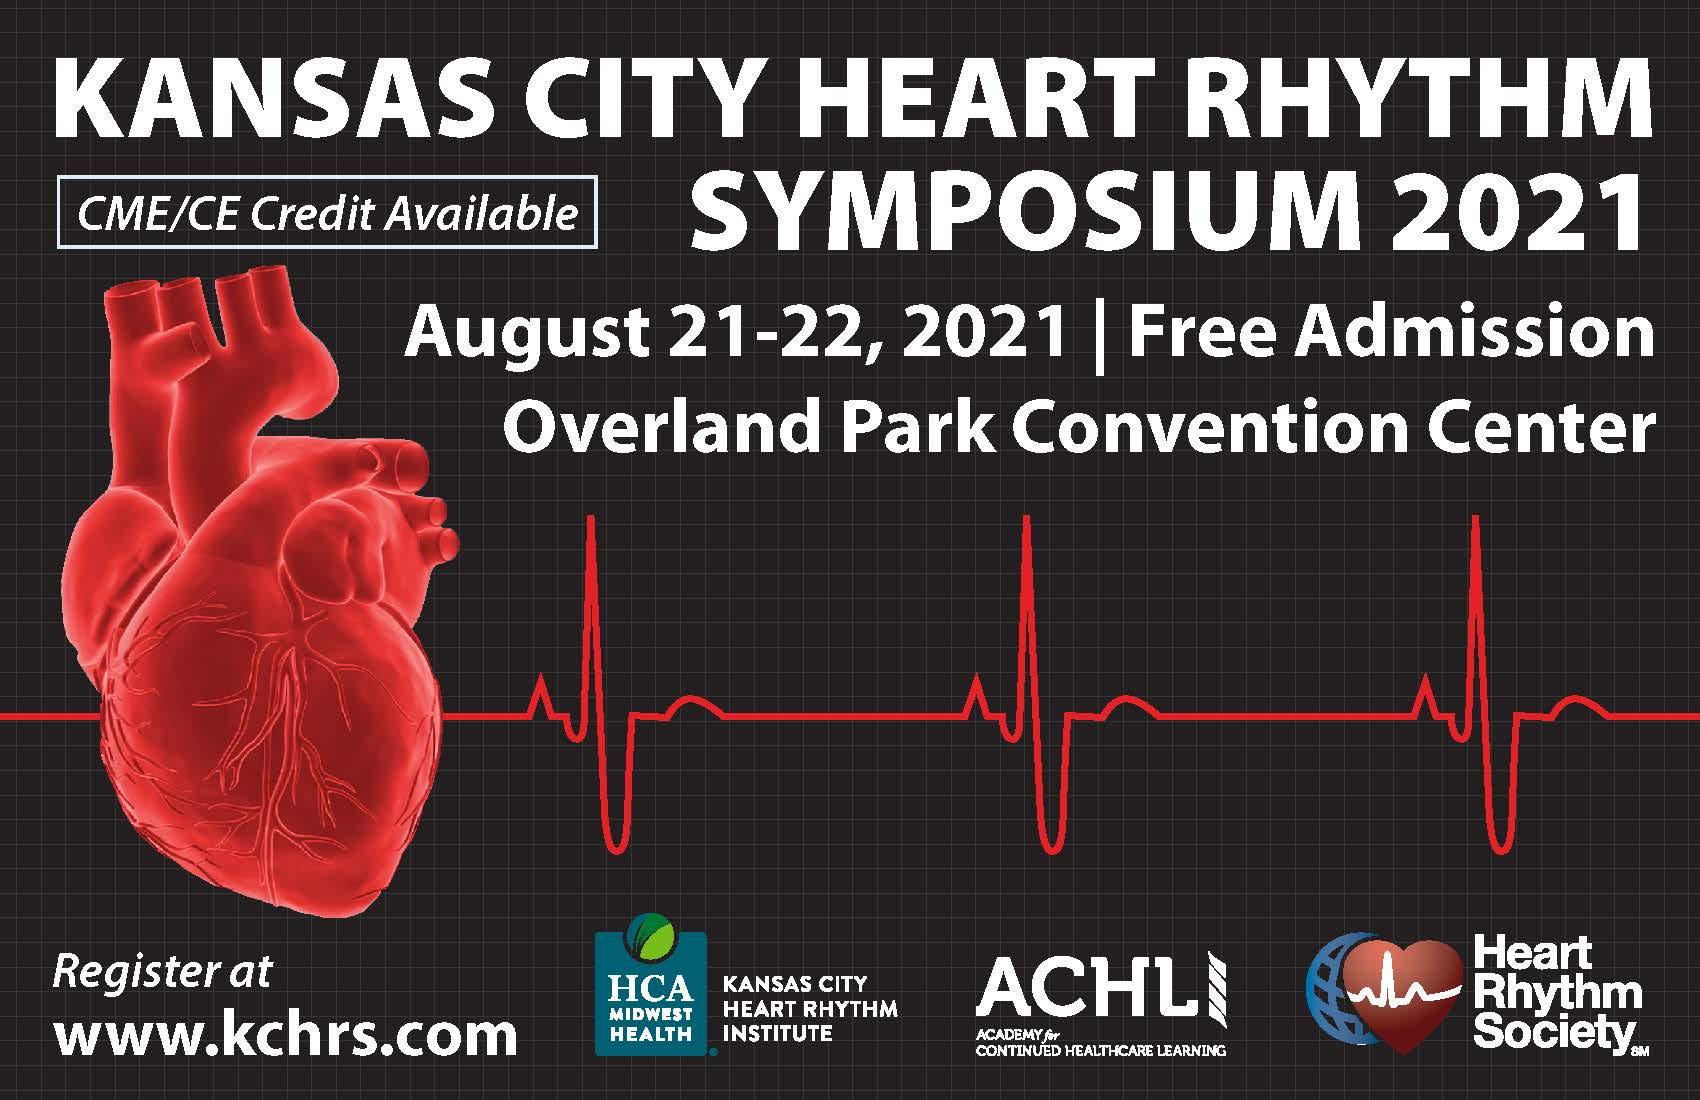 Next Week: Kansas City Heart Rhythm Symposium 2021